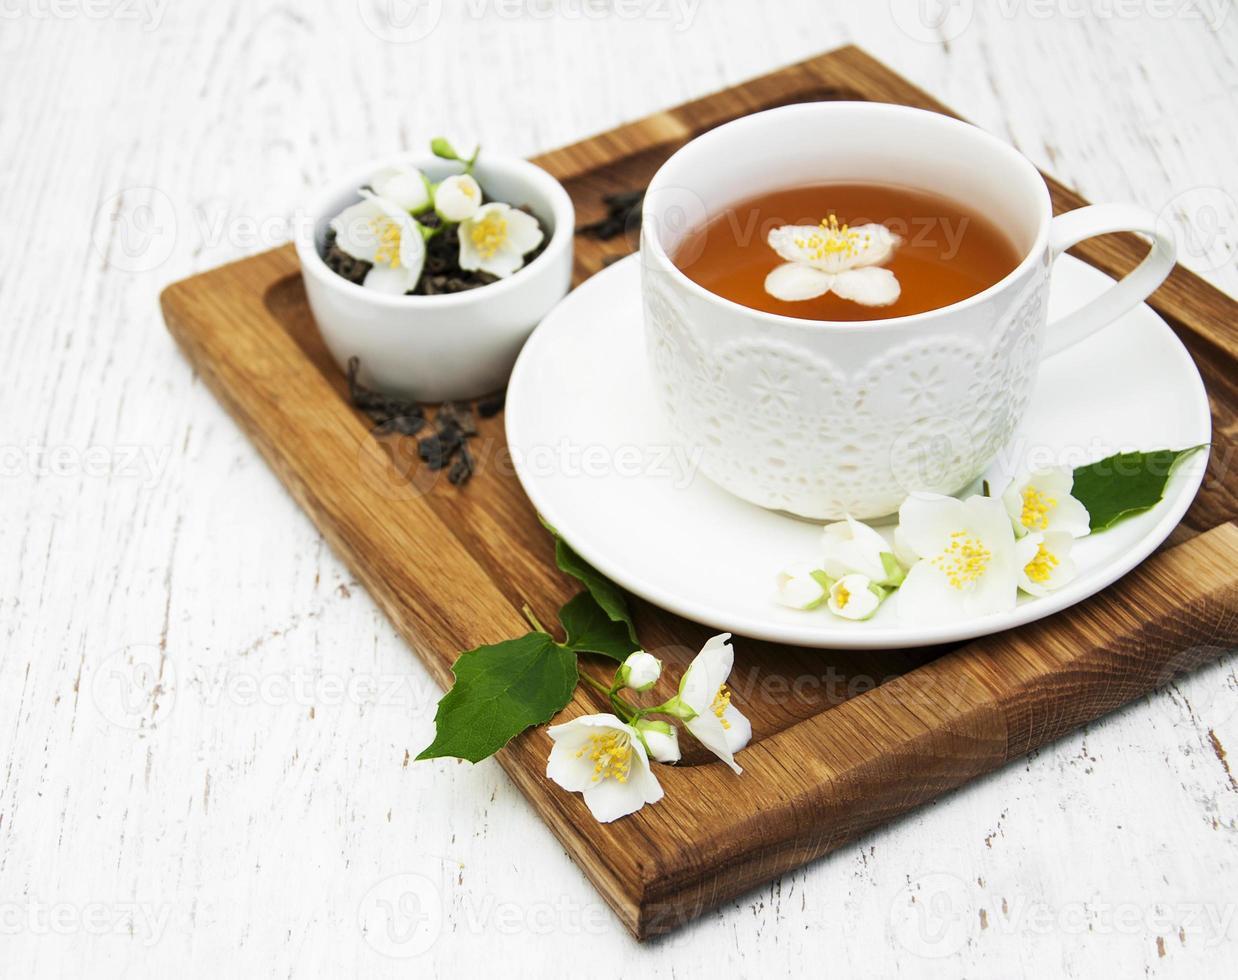 Tasse Tee mit Jasminblüten foto